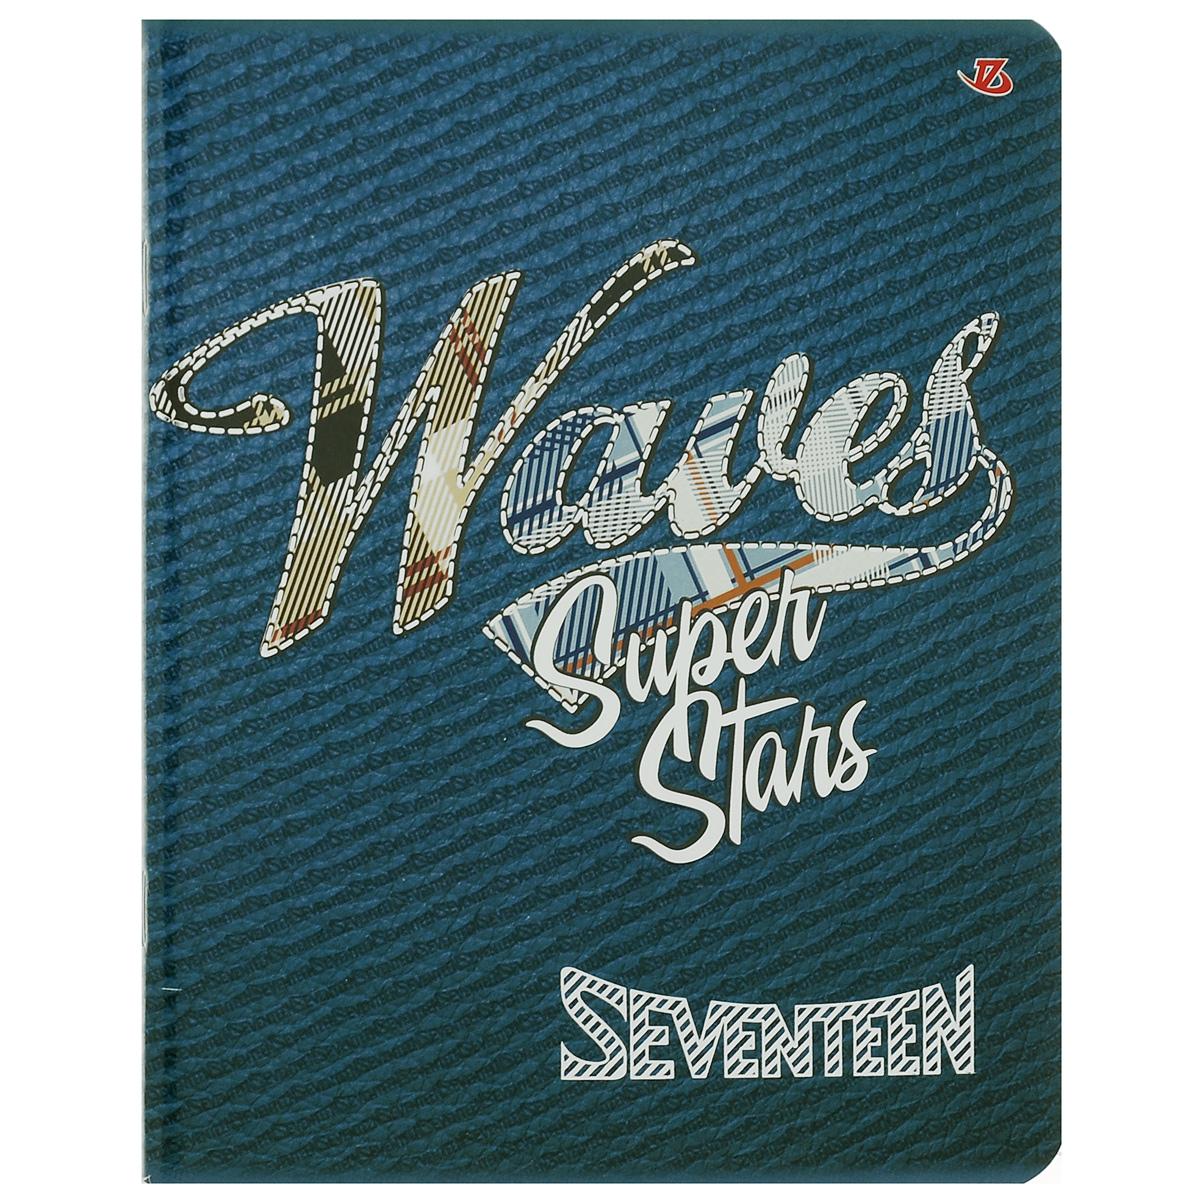 Тетрадь Seventeen. Waves, цвет: синий, 80 листов72523WDТетрадь Seventeen. Waves подойдет для любых работ и студенту, и школьнику.Фактурная обложка тетради с с элементами серебряного тиснения выполнена из мелованного картона с закругленными углами.Внутренний блок тетради соединен металлическими скрепками и состоит из 80 листов высококачественной бумаги повышенной белизны. Стандартная линовка в клетку дополнена полями, совпадающими с лицевой и оборотной стороны листа. Первая страничка содержит поля для заполнения личных данных.